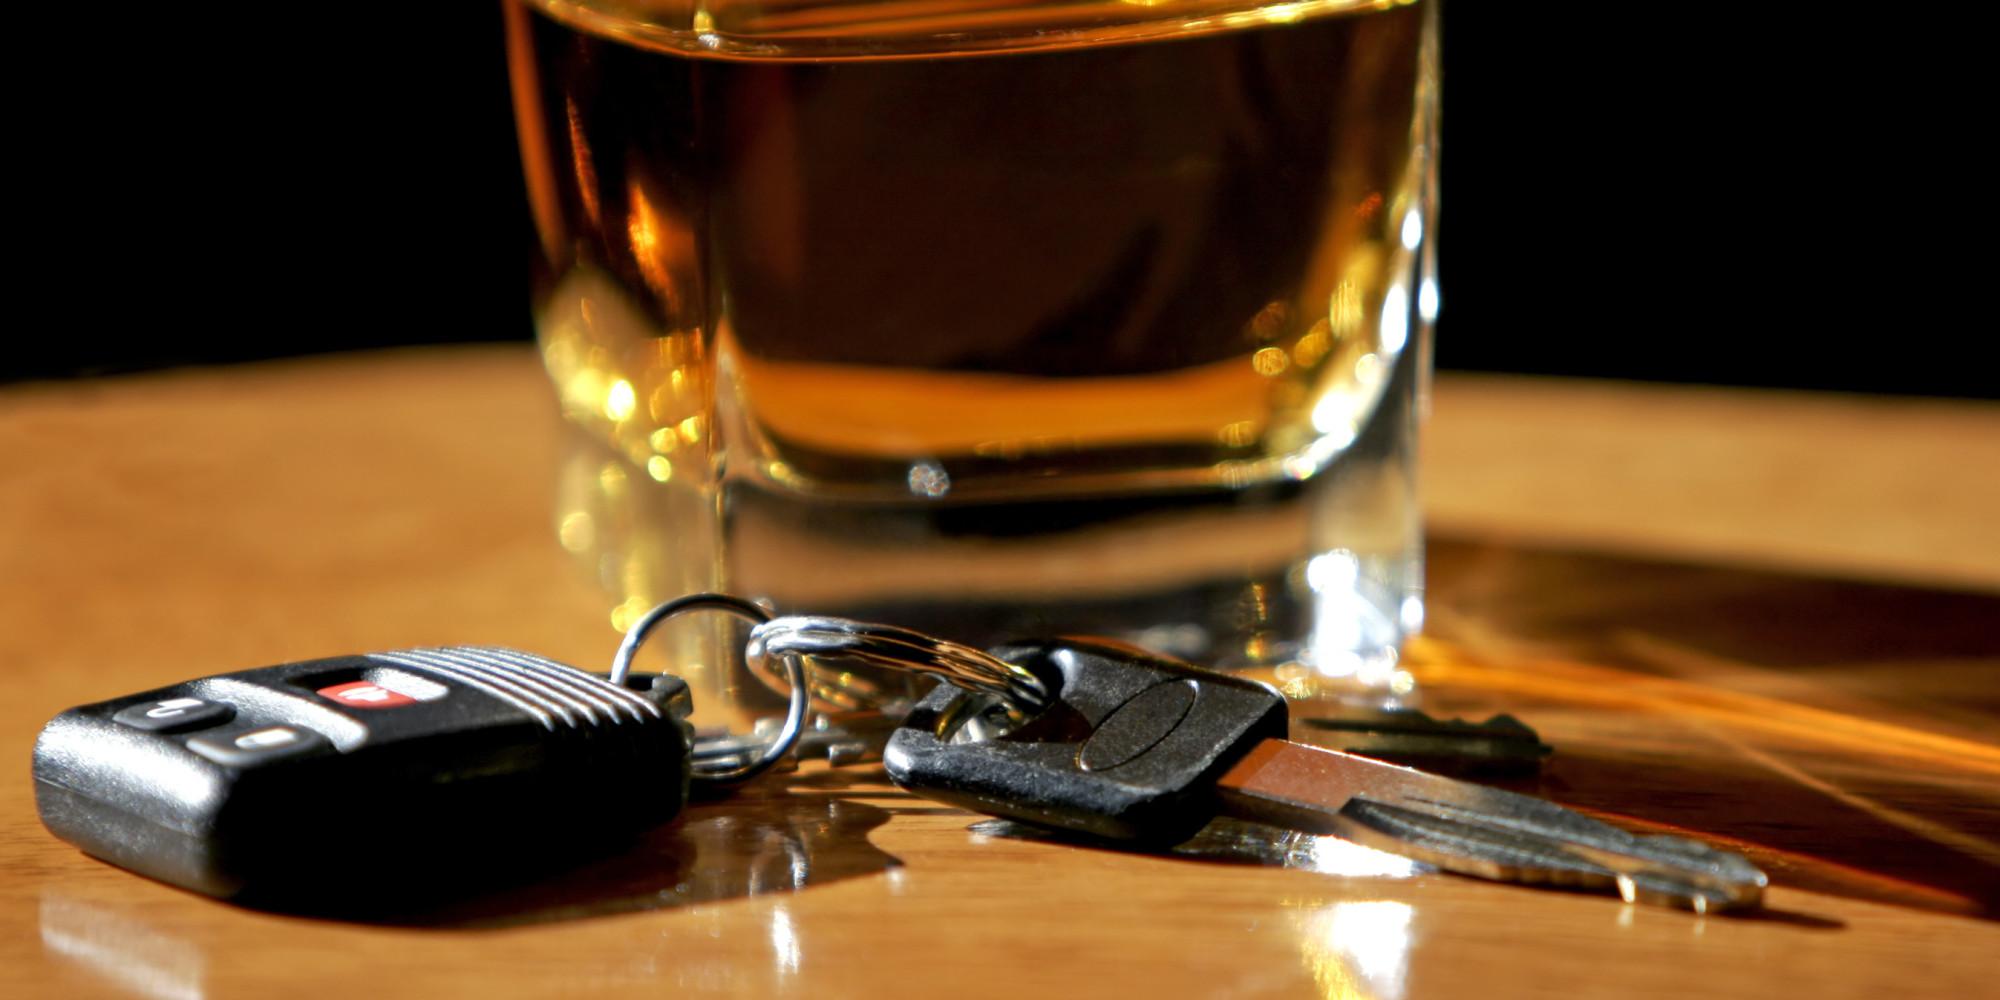 Bạn Có Biết Vì Sao Không Được Uống Rượu Bia Khi Lái Xe?